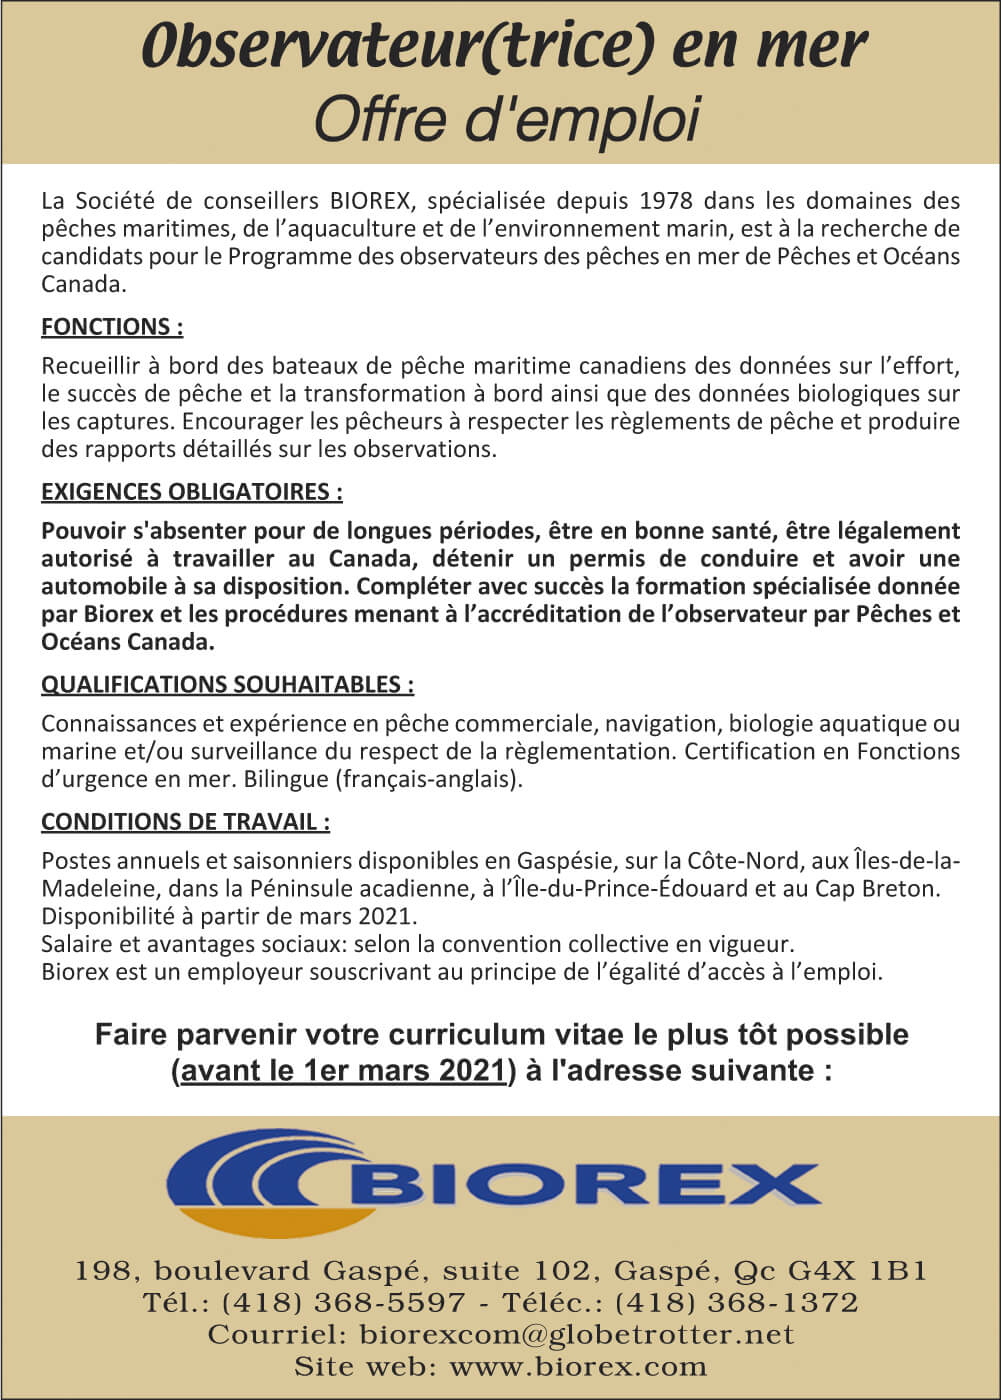 Biorex - Offre d'emploi